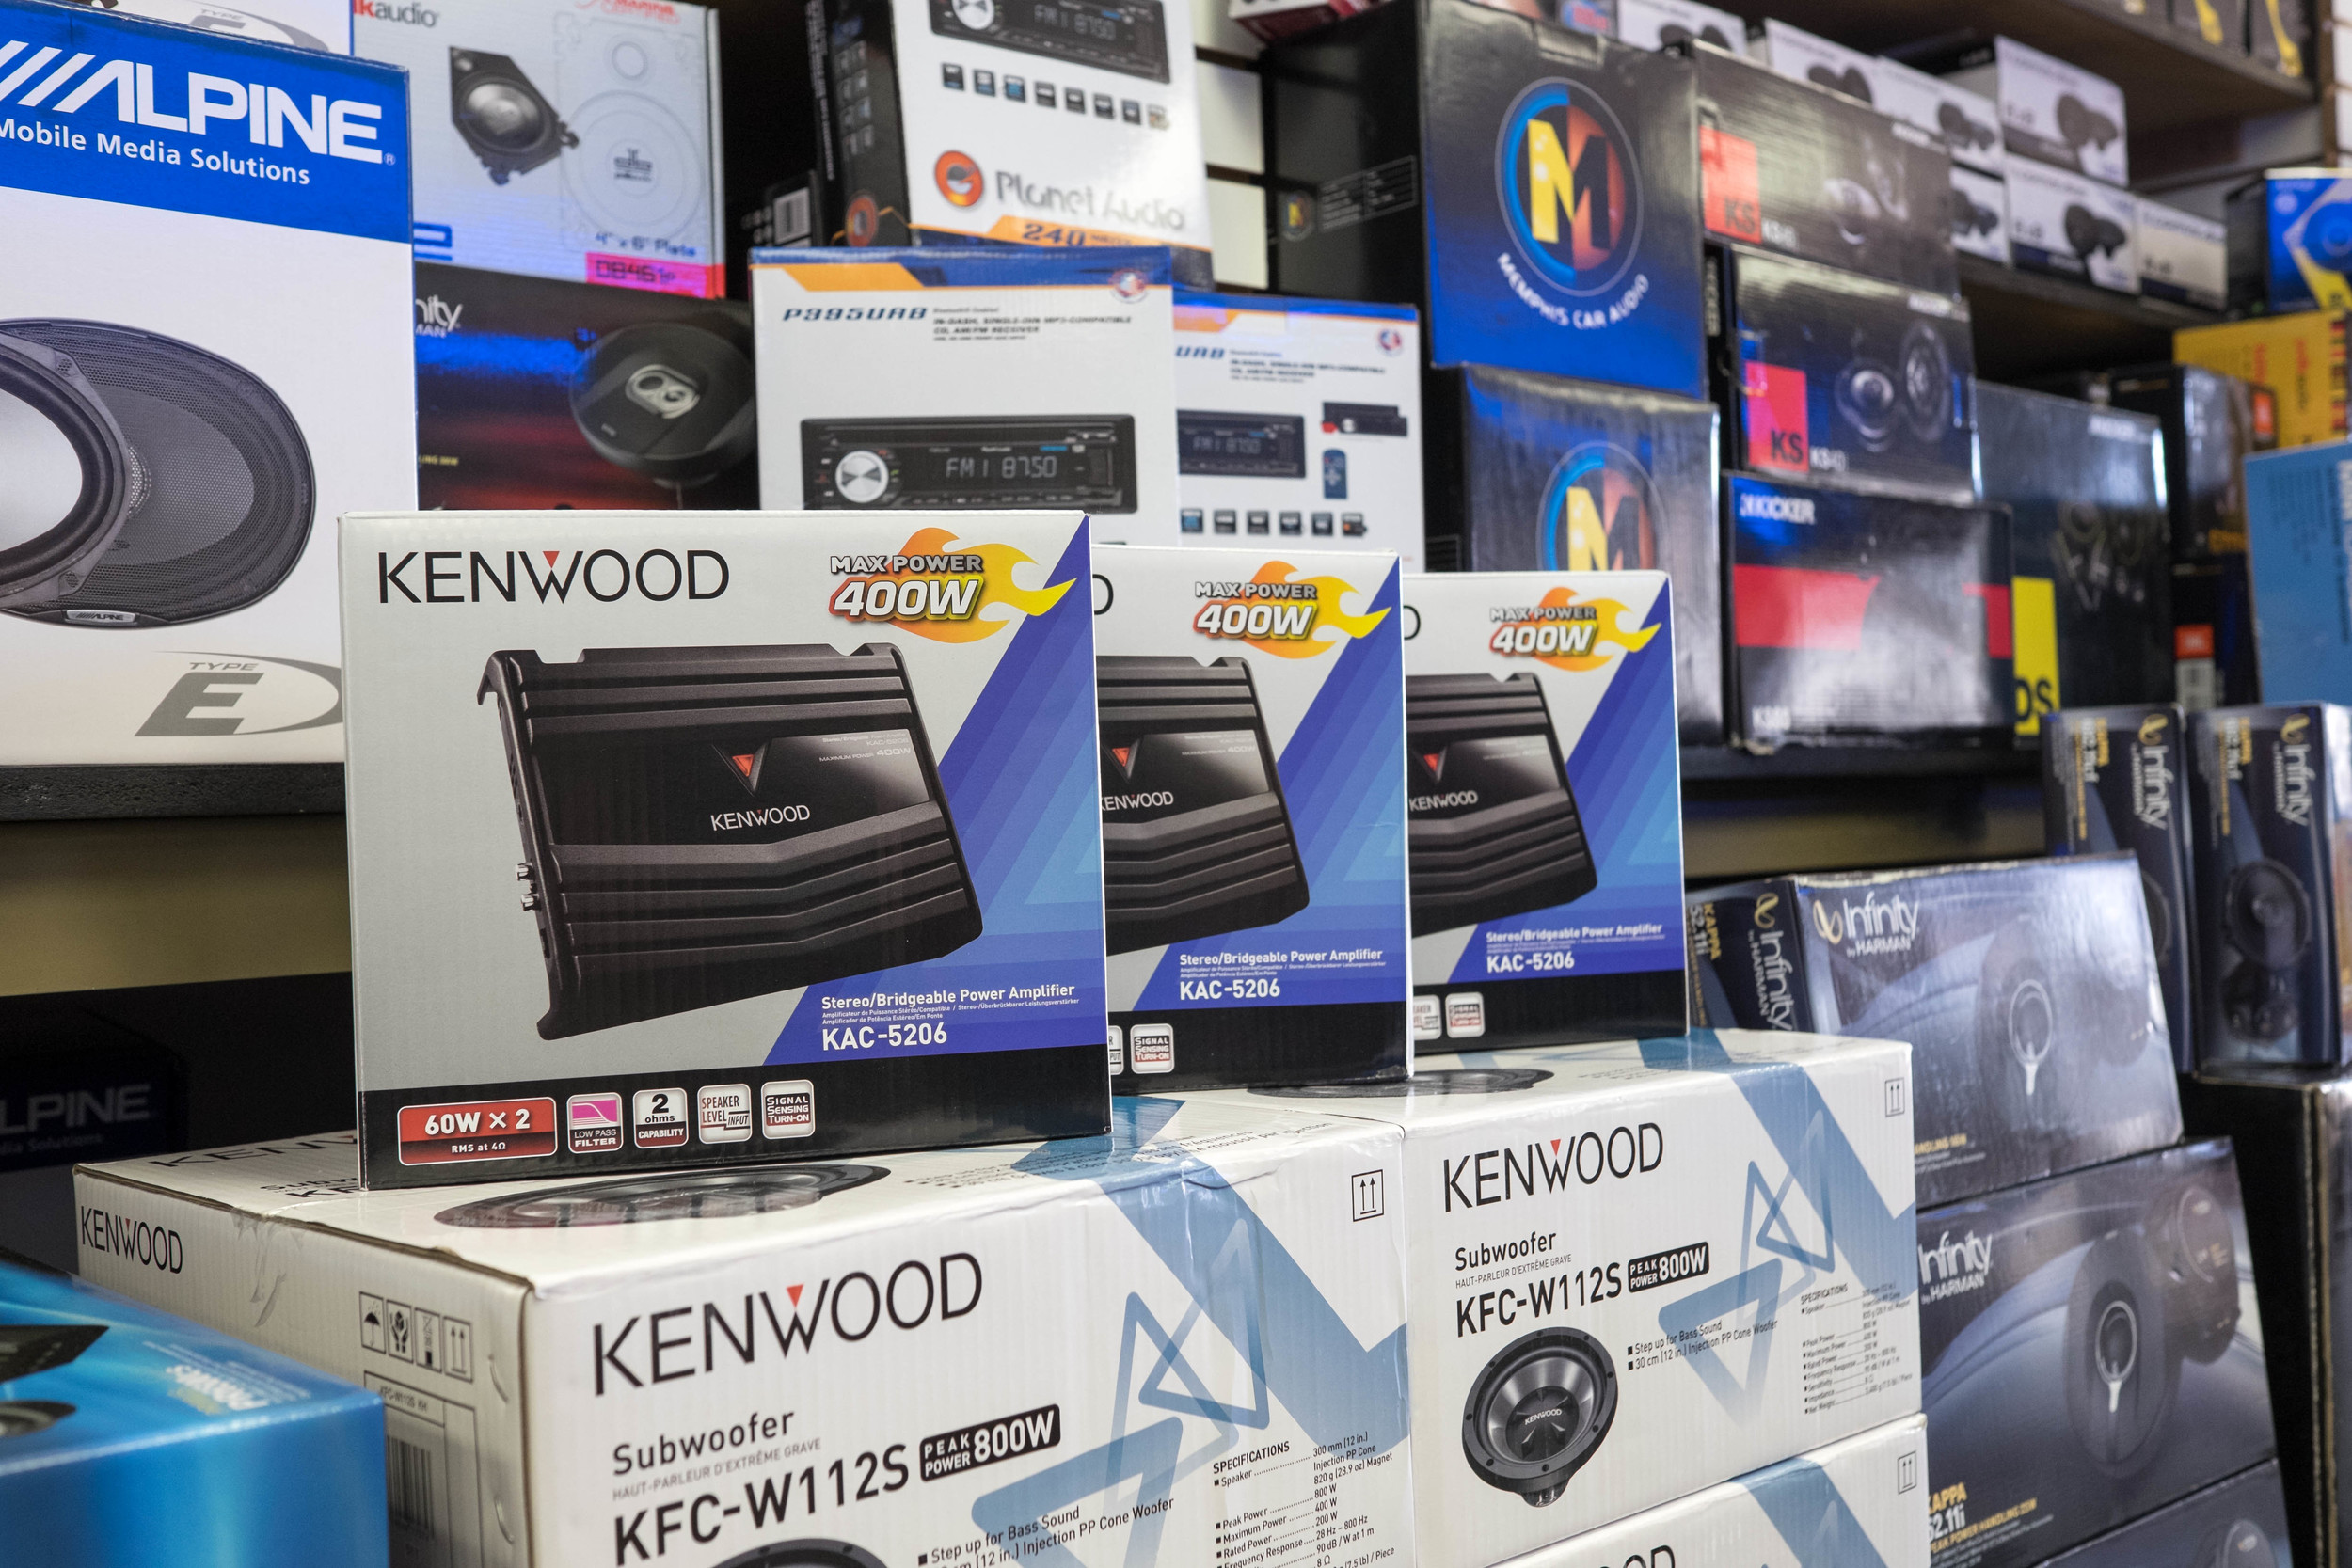 Kenwood Car Stereo Speakers